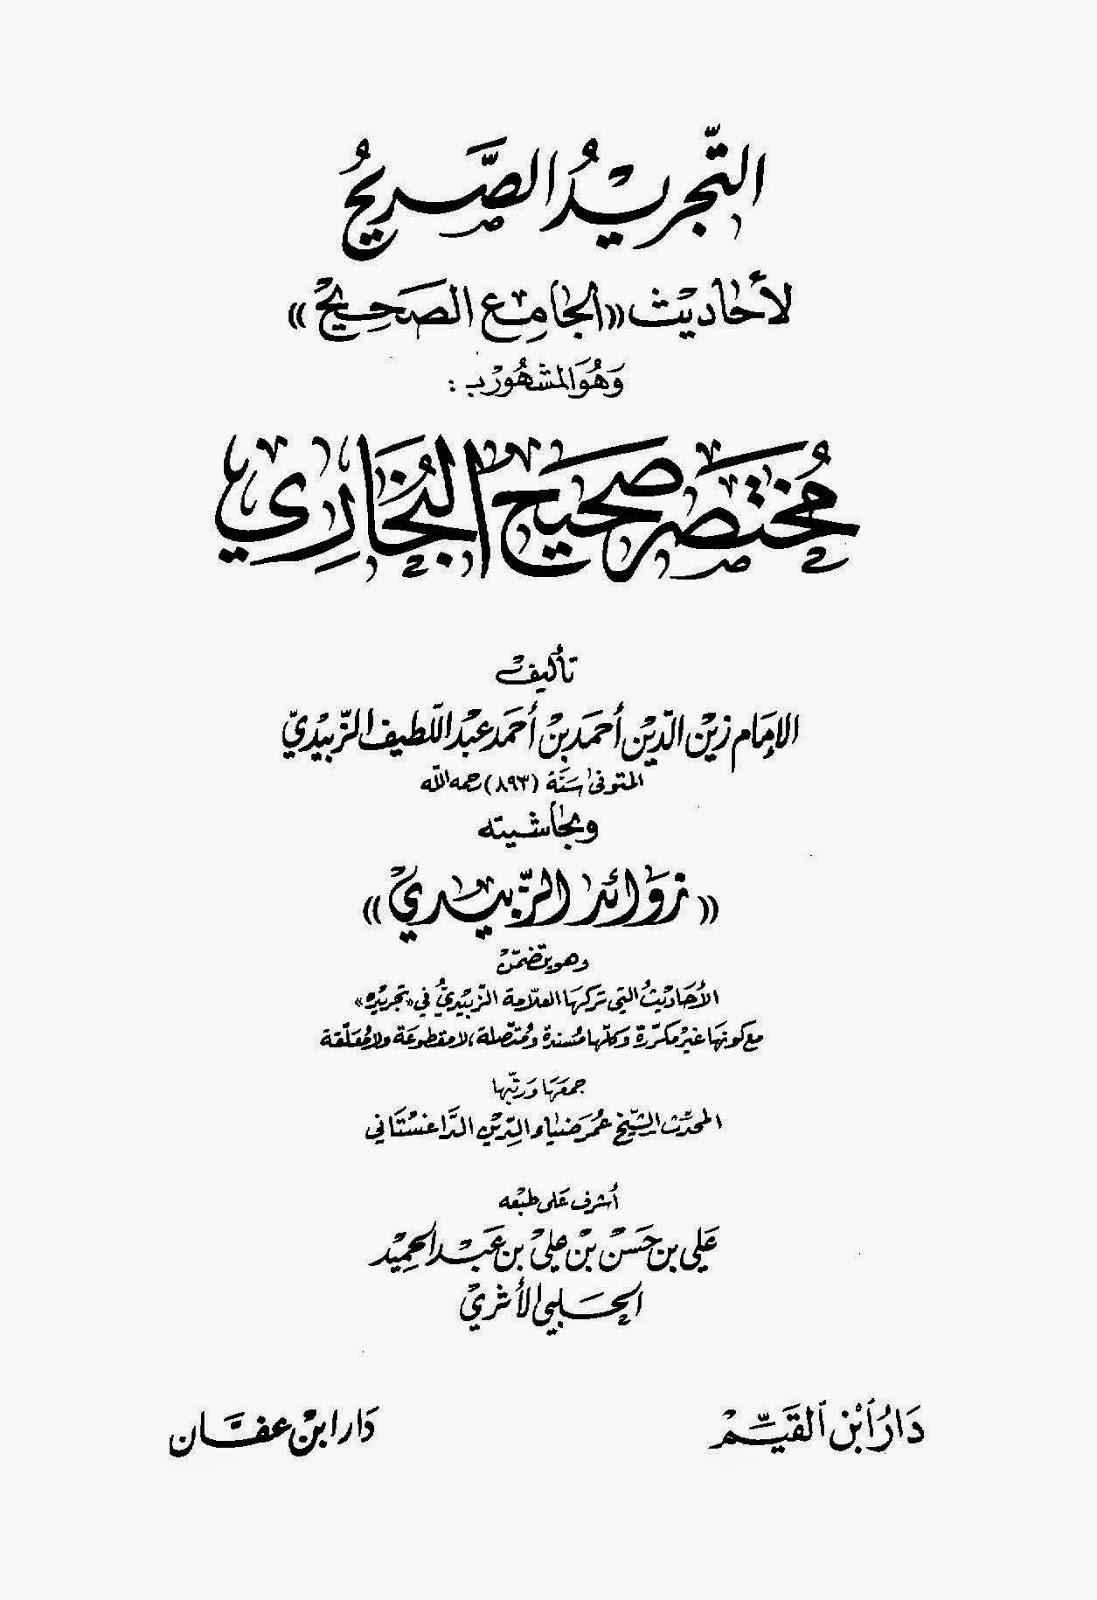 التجريد الصريح لأحاديث الجامع الصحيح لـ الزبيدي